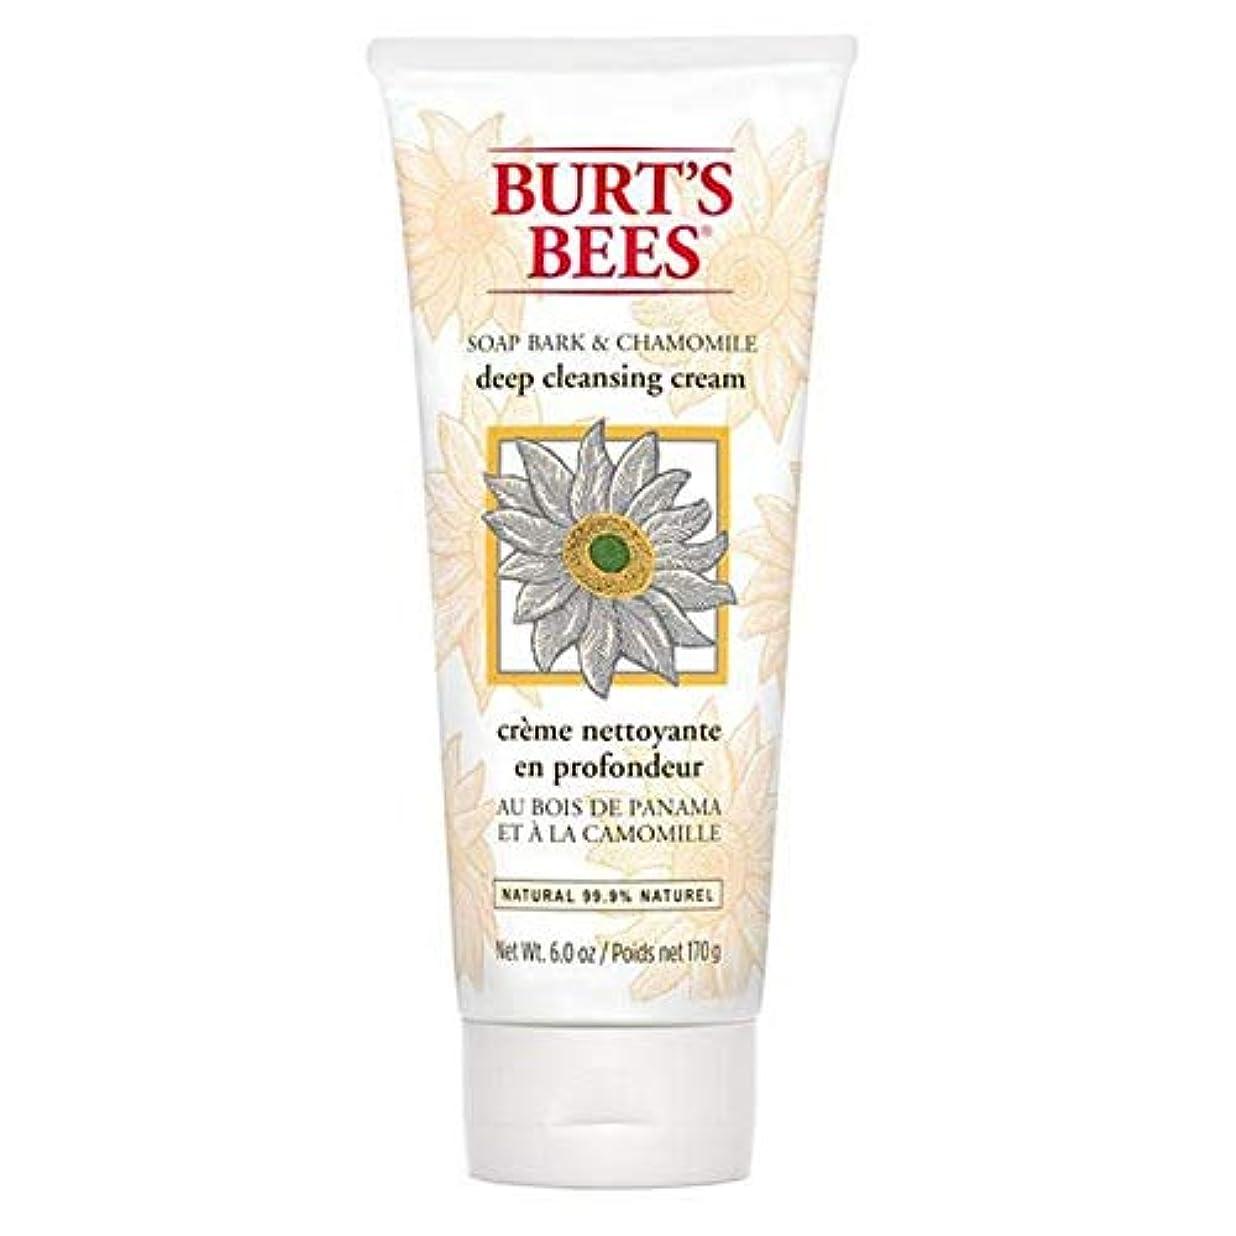 枕チョコレート他の場所[Burt's Bees ] バーツビー石鹸樹皮&カモミールディープクレンジングクリーム170グラム - Burt's Bees Soap Bark & Chamomile Deep Cleansing Cream 170g...